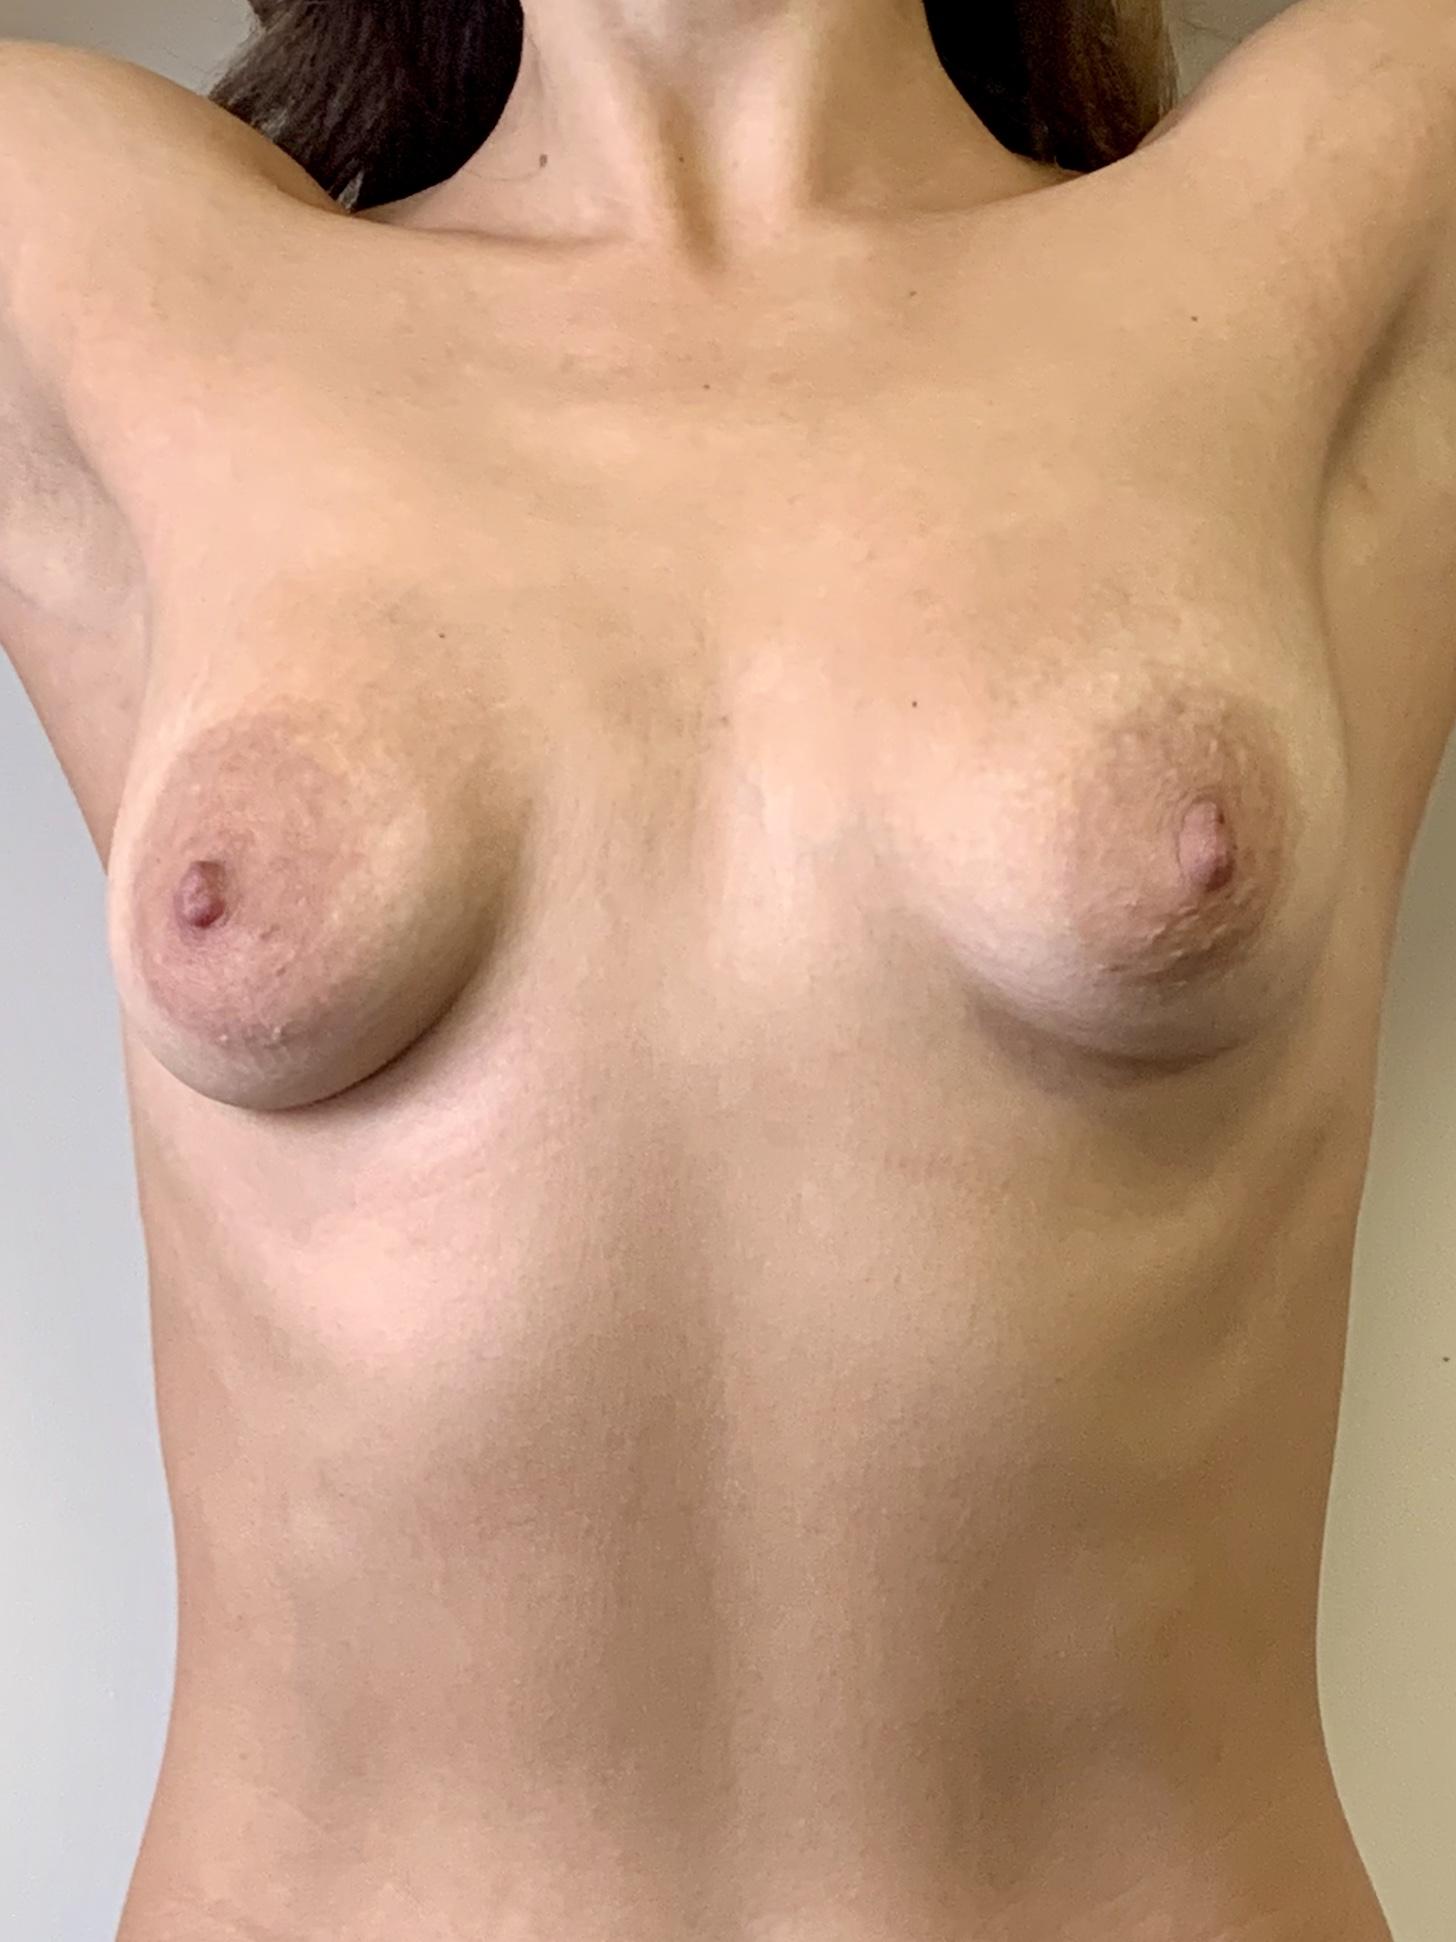 Расширение ареол при тубулярной груди